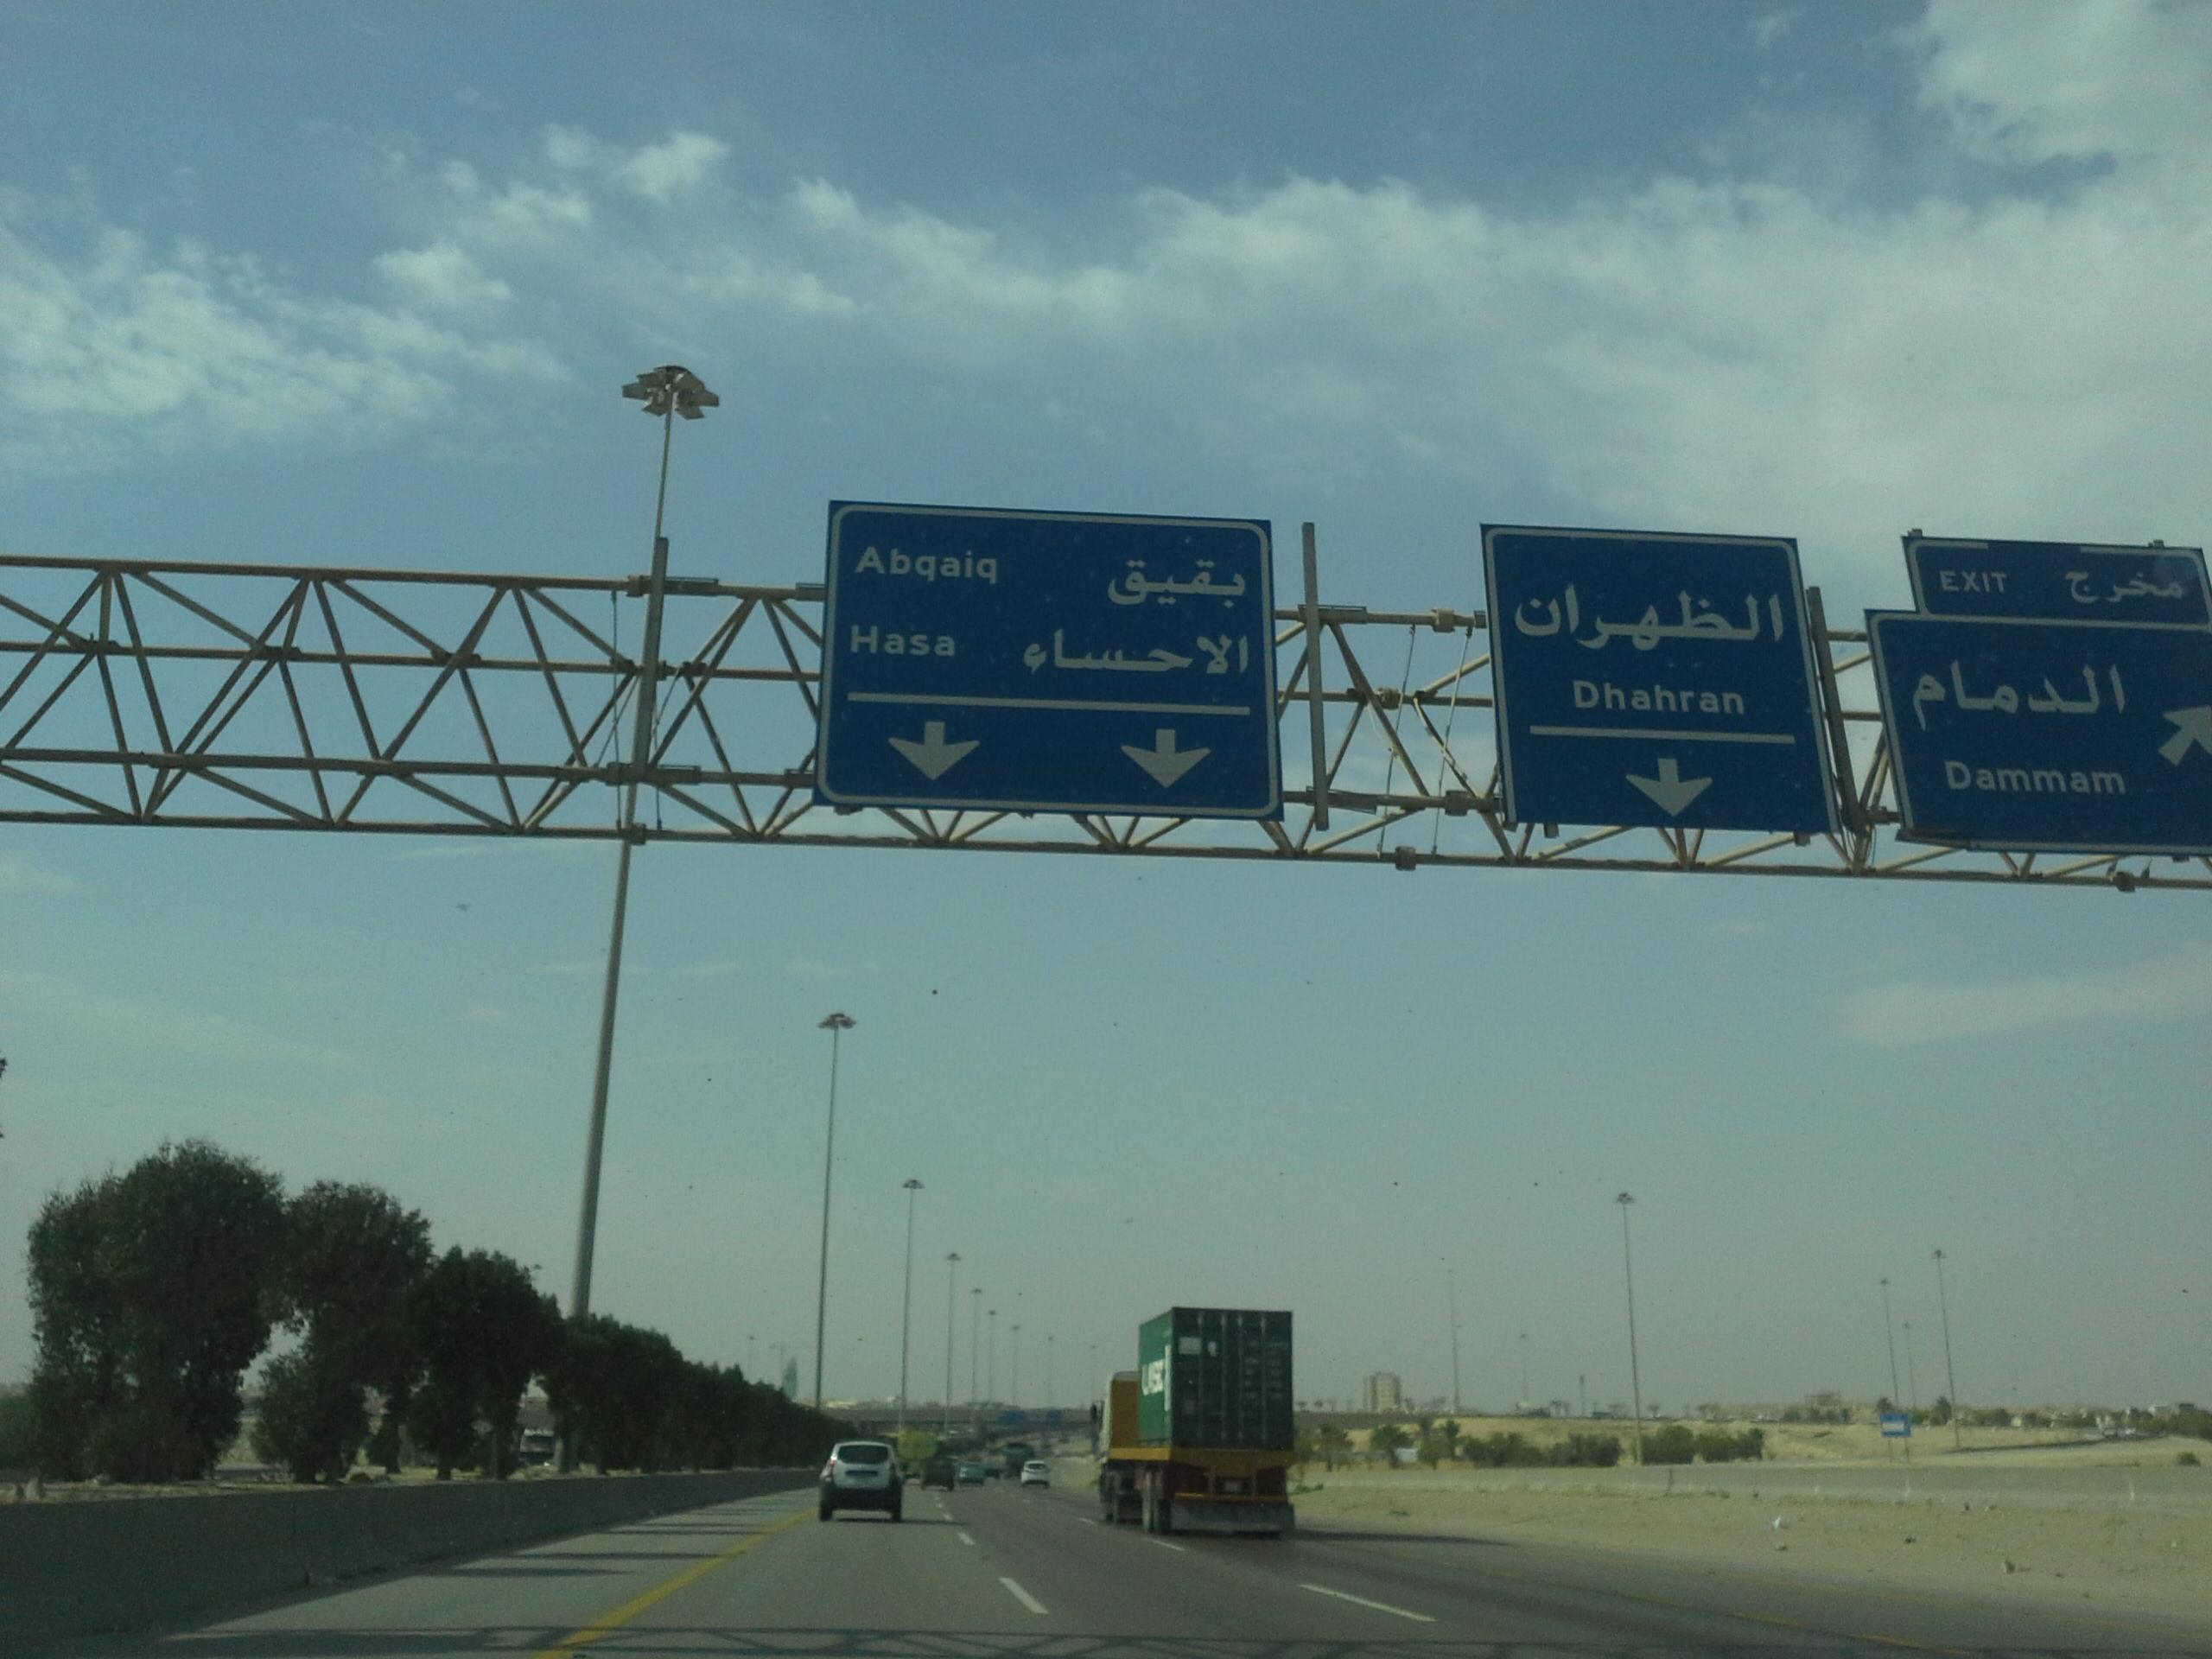 File:Qasr Al Khaleej, Dammam Saudi Arabia - panoramio.jpg - Wikimedia Commons